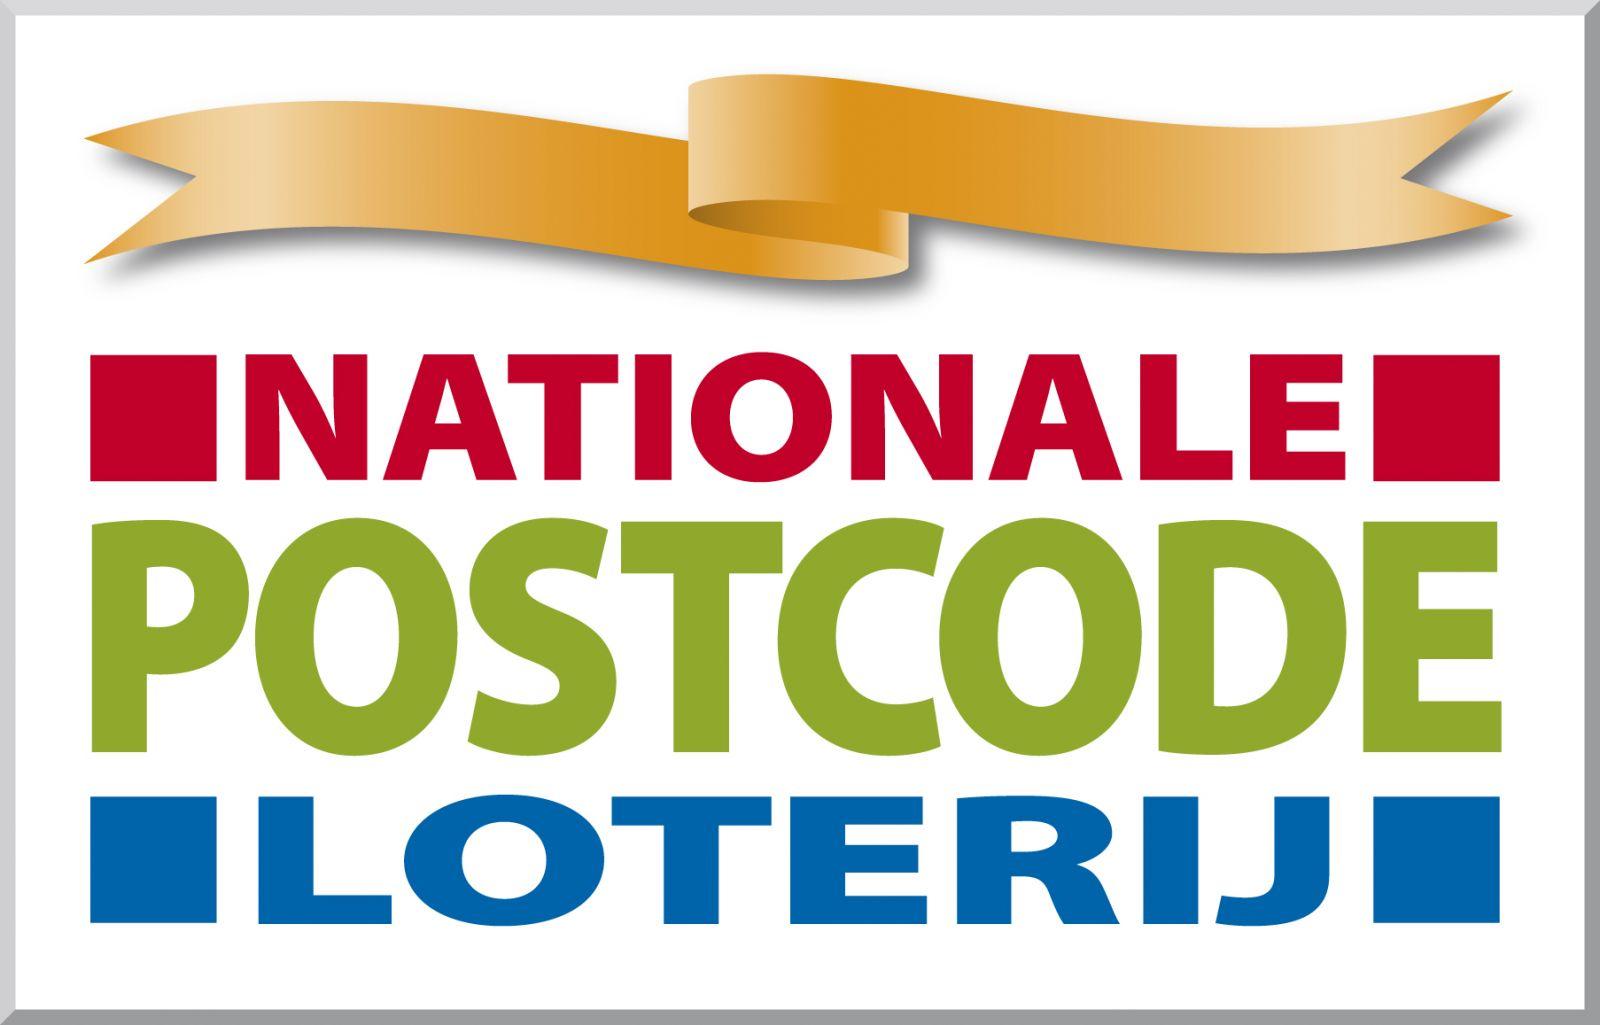 kortingsbonnen postcode loterij voordeel agenda